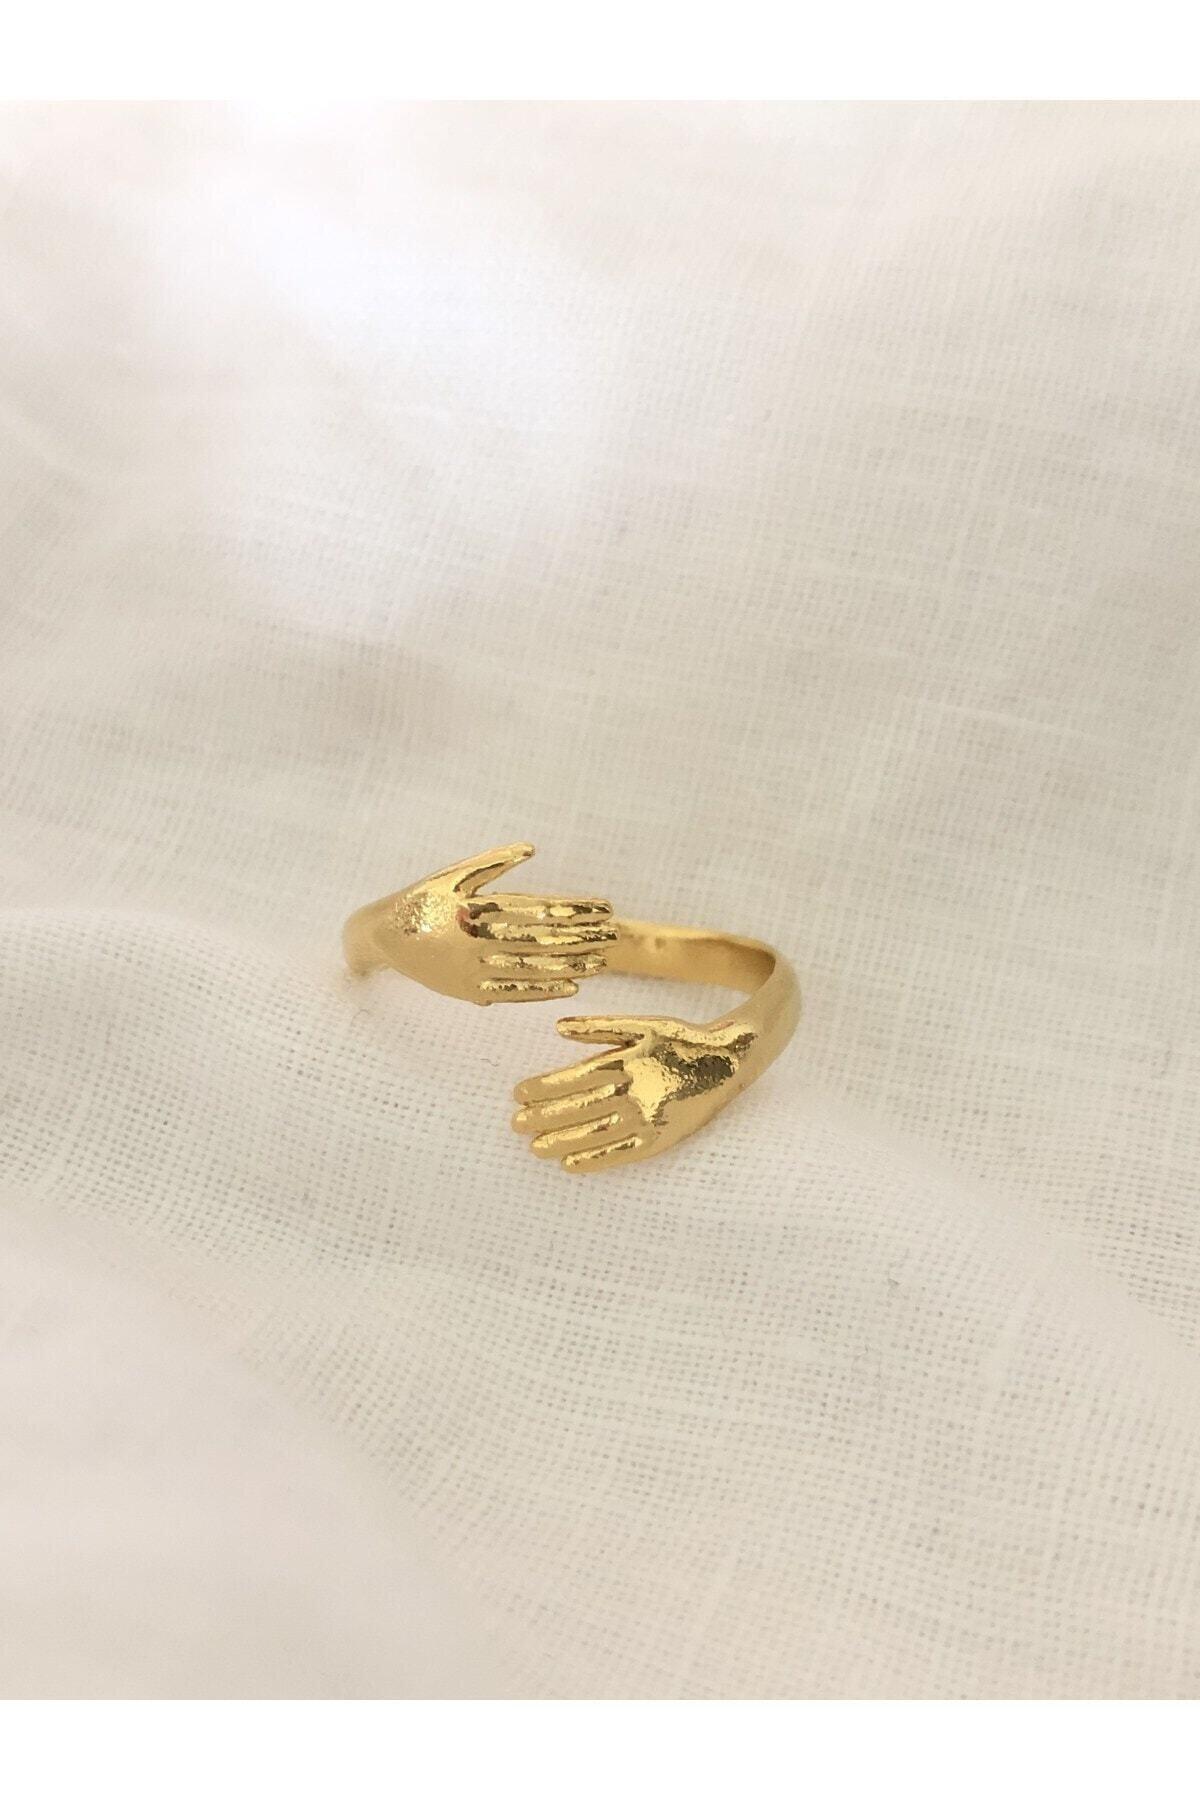 The Y Jewelry Kadın Altın Kaplama El Yüzük  Ayarlanabilir 1